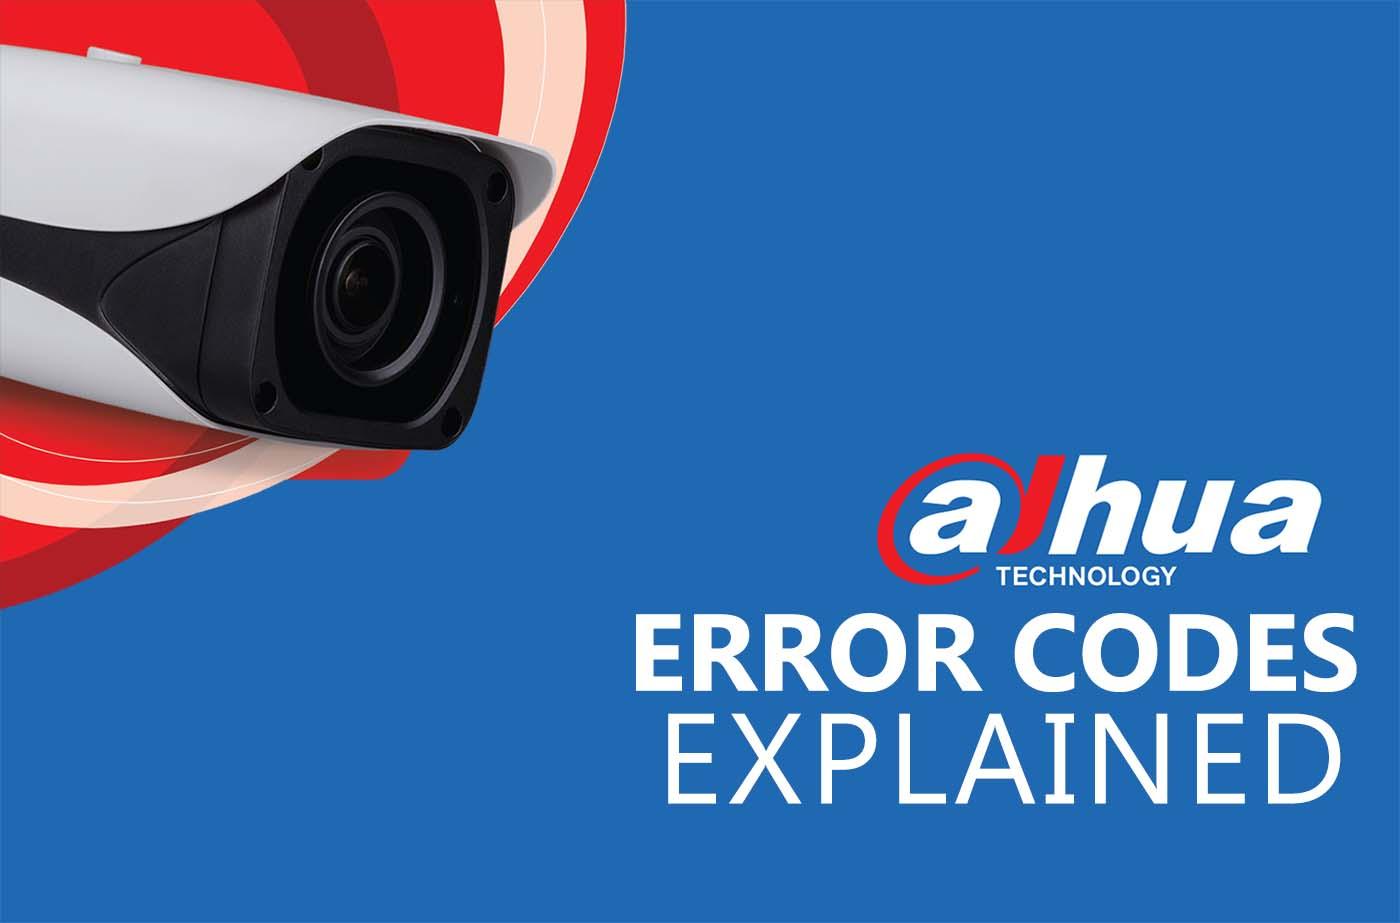 Dahua error codes explained - SCC - CCTV